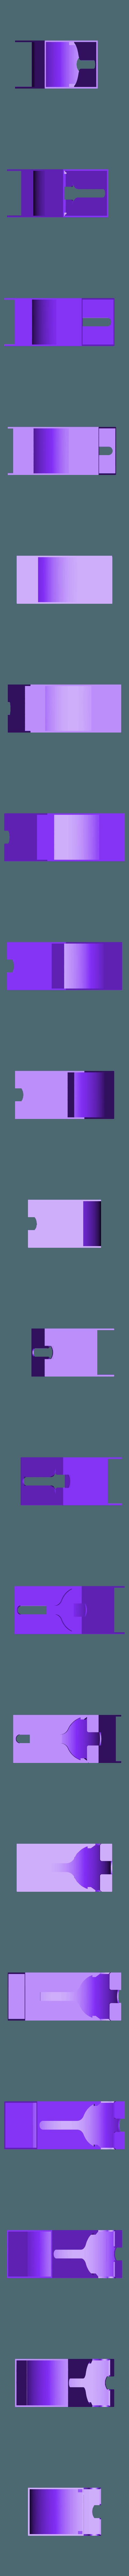 BatteryDispenserAA.stl Télécharger fichier STL gratuit Boîte distributrice de piles pour piles AA et AAA • Objet à imprimer en 3D, PapaBravo